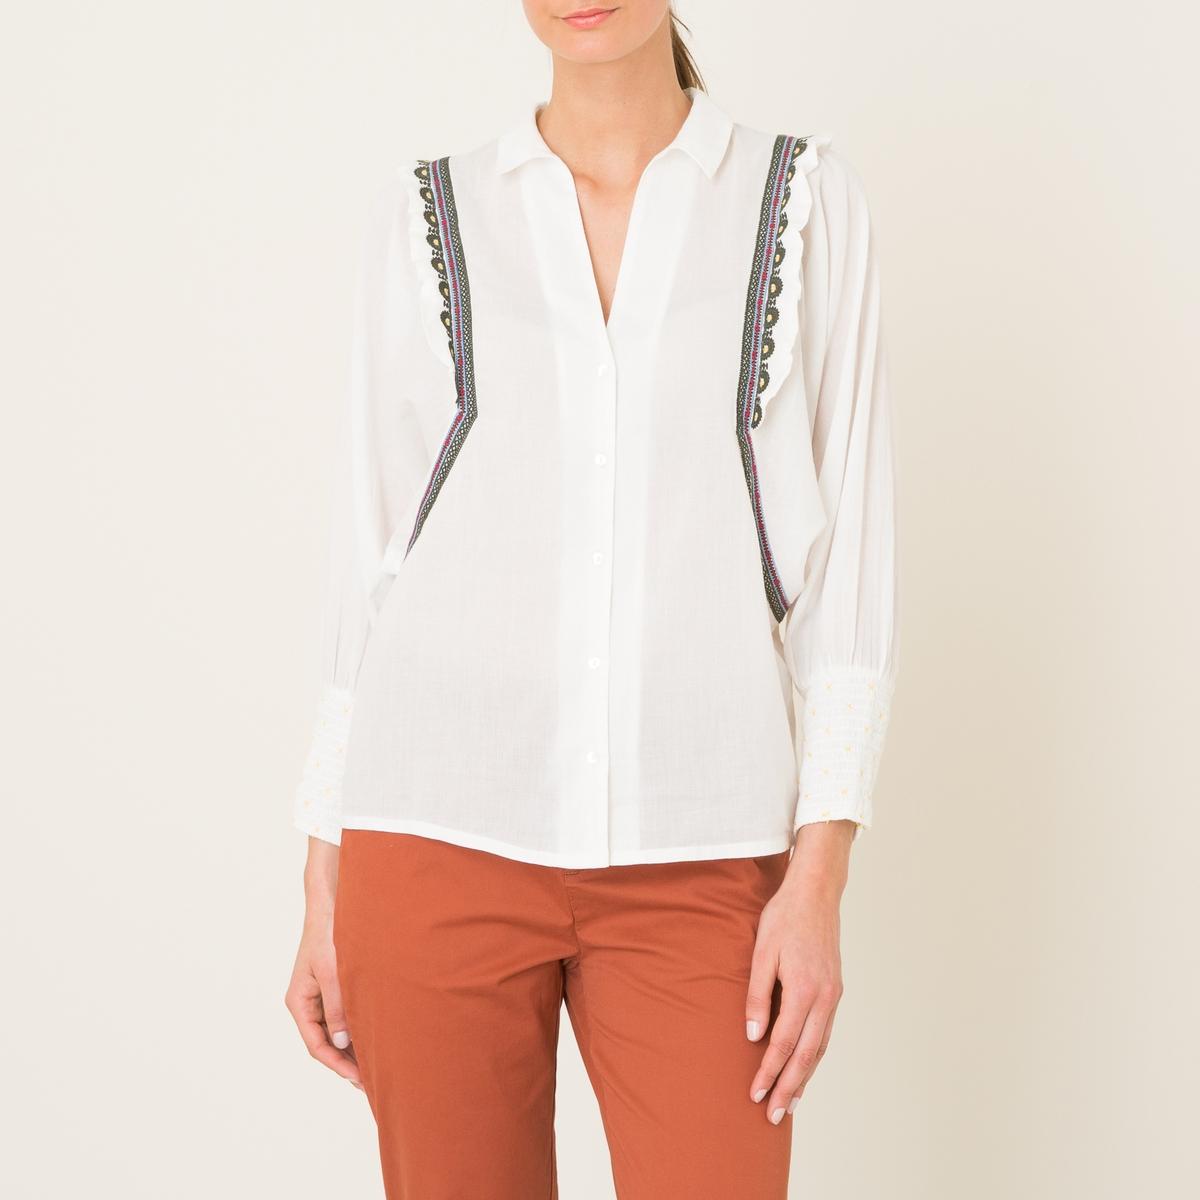 Рубашка JERMAINEРубашка объемная BA&amp;SH - модель JERMAINE из хлопковой вуали . Рубашечный воротник. Застежка на пуговицы спереди. Длинные рукава с напуском и широкими  эластичными манжетами . Отделка вышивкой и воланами Состав и описание    Материал : 100% хлопок   Марка : BA&amp;SH<br><br>Цвет: экрю